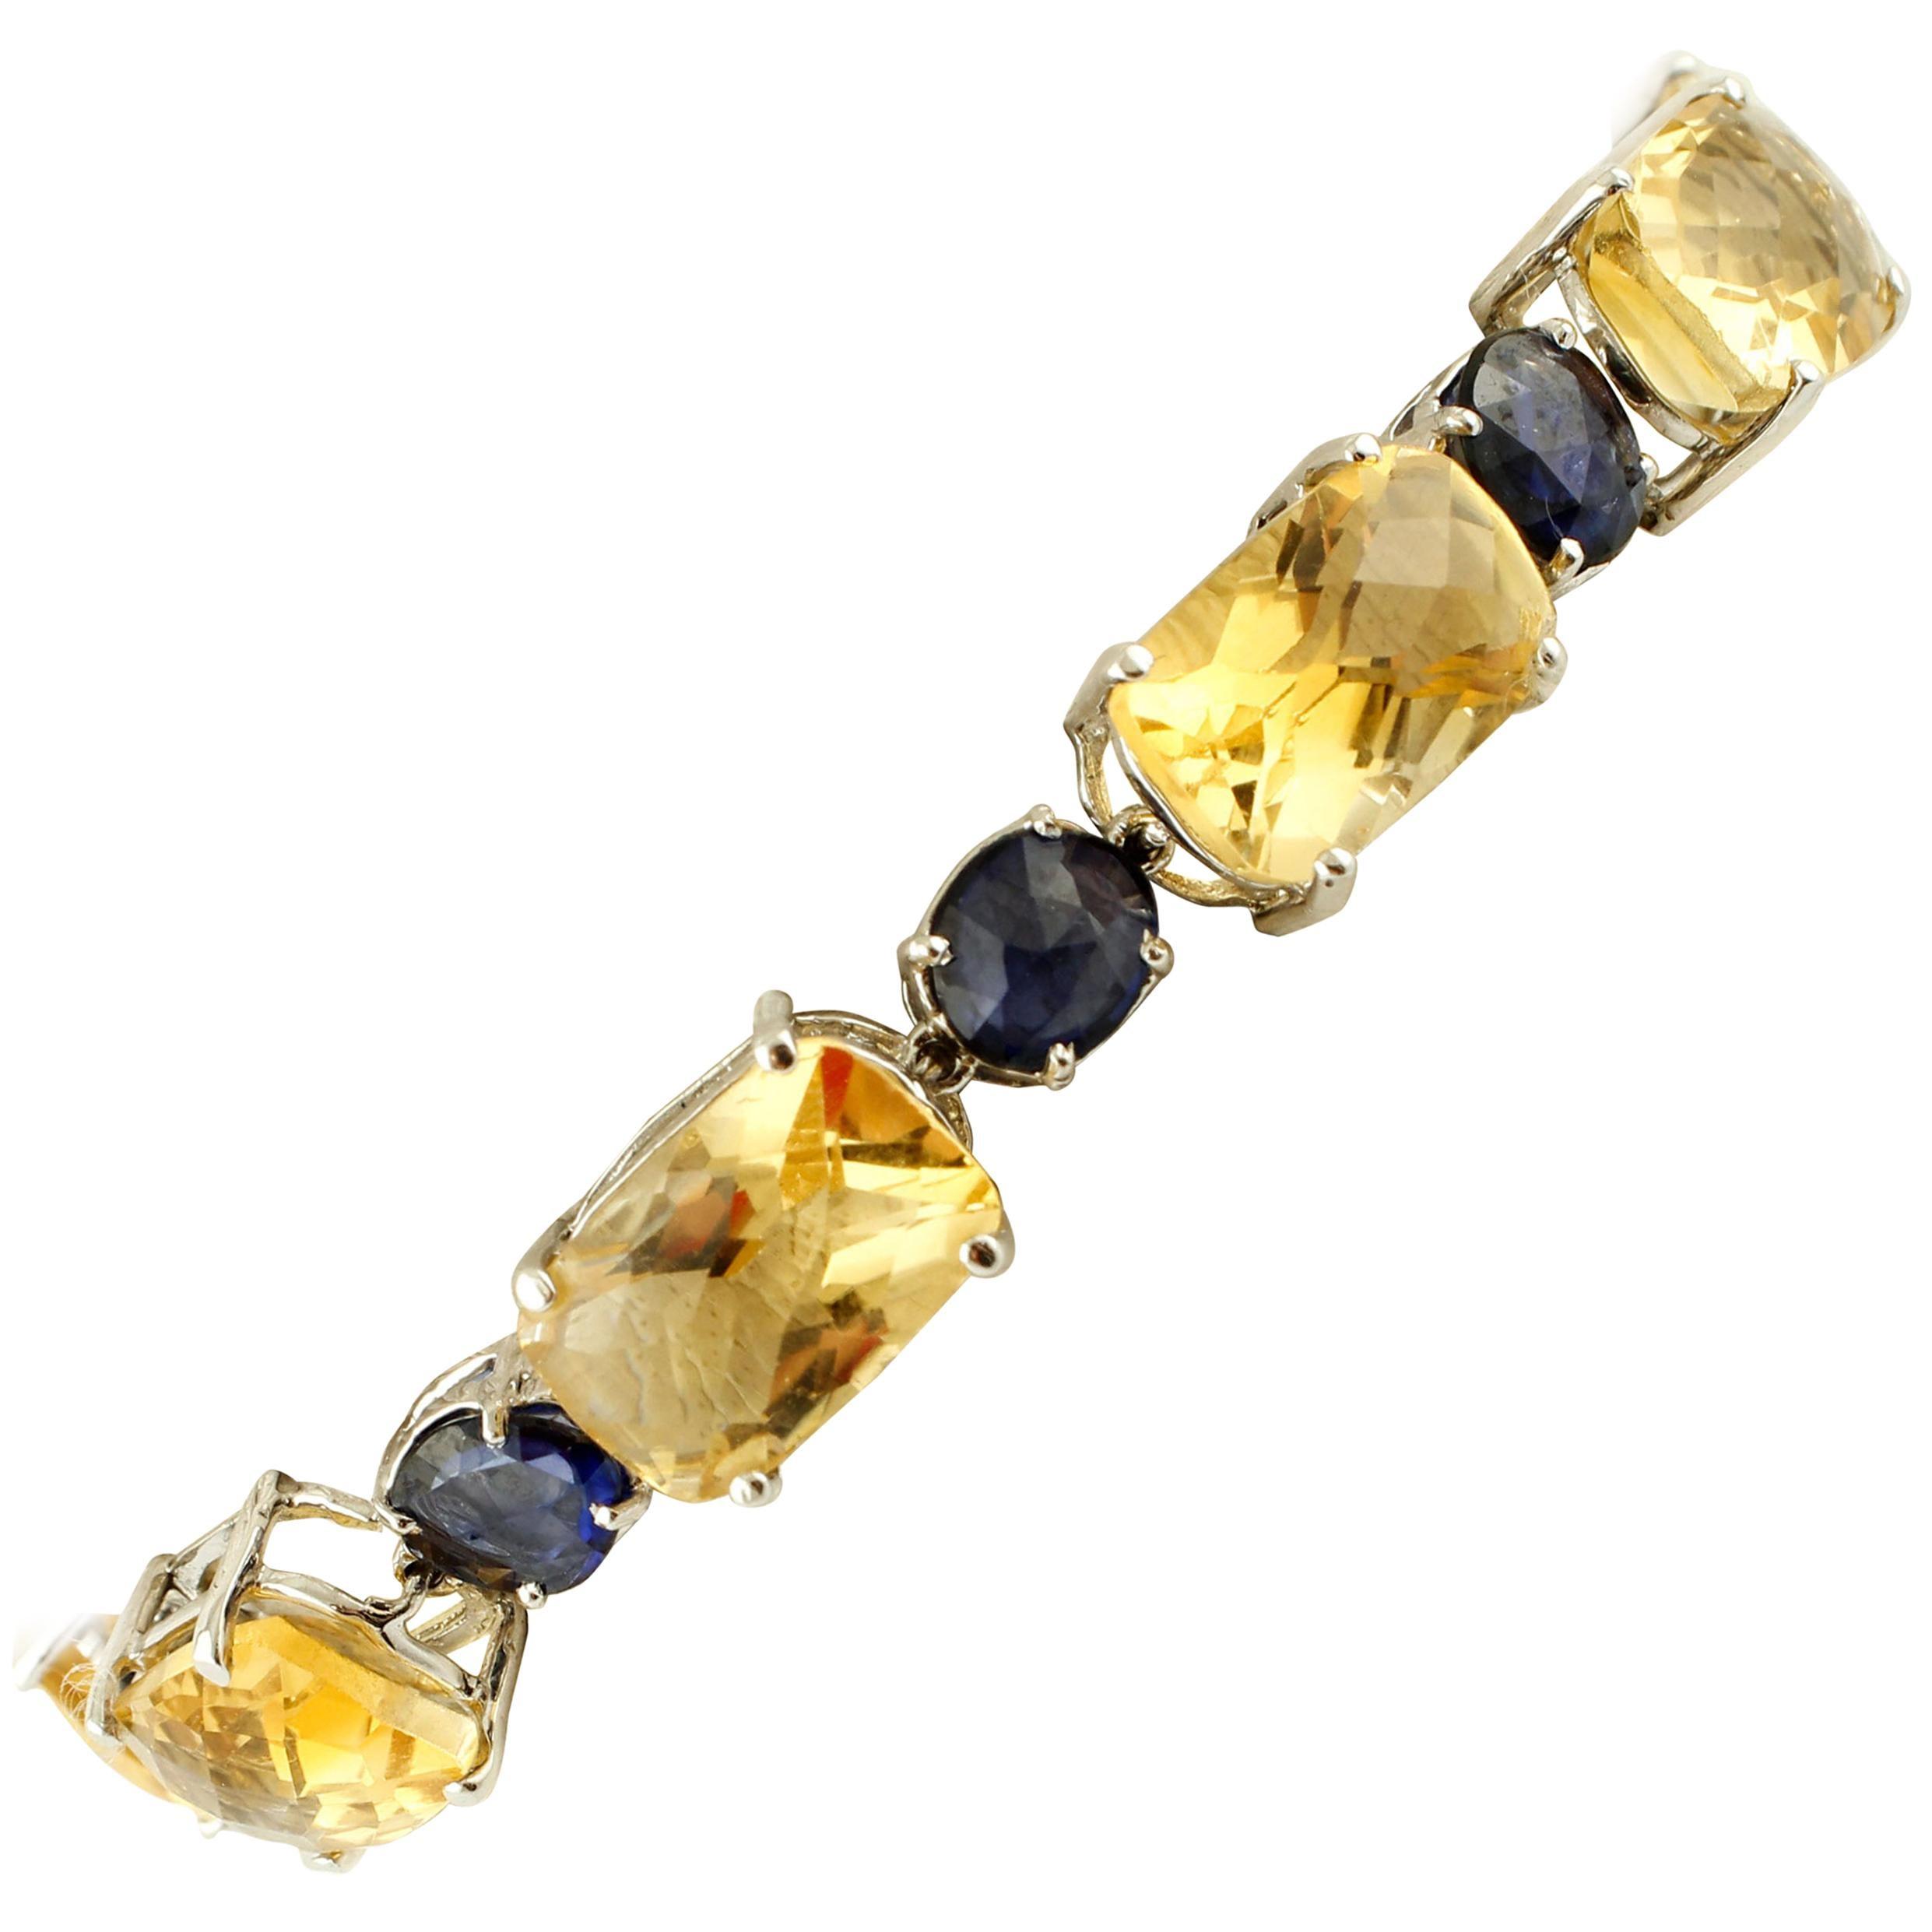 Diamonds, Sapphires, Yellow Topaz, 14 Karat White Gold Bracelet